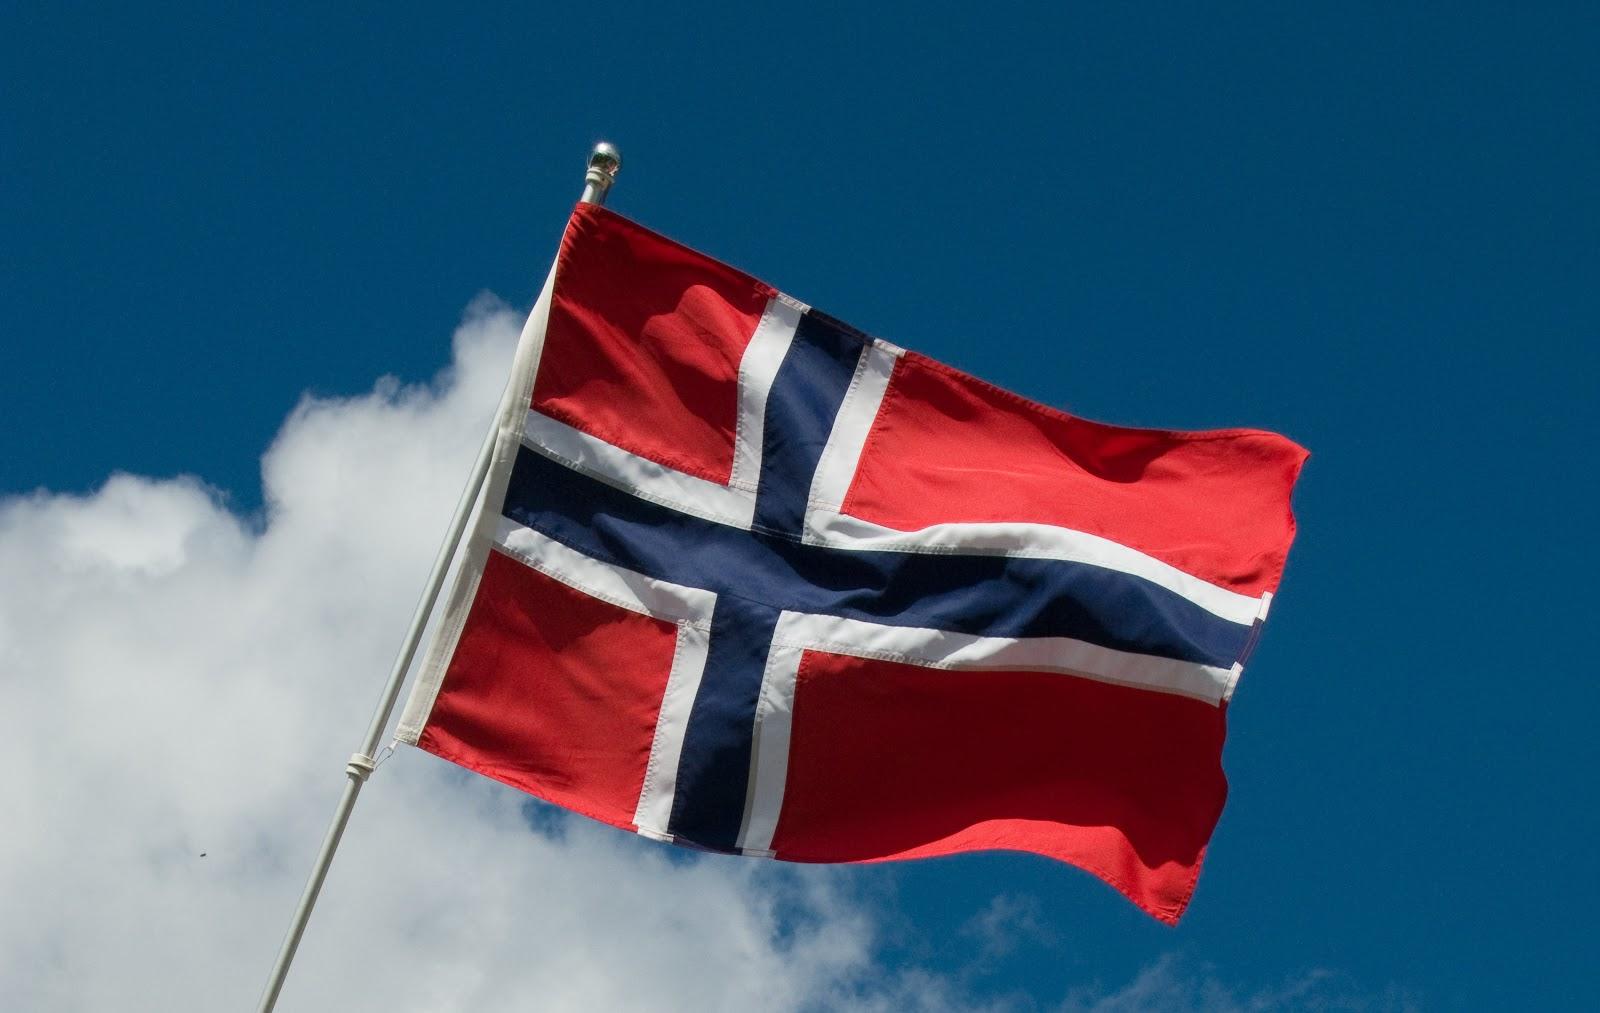 Drapeau norvégien